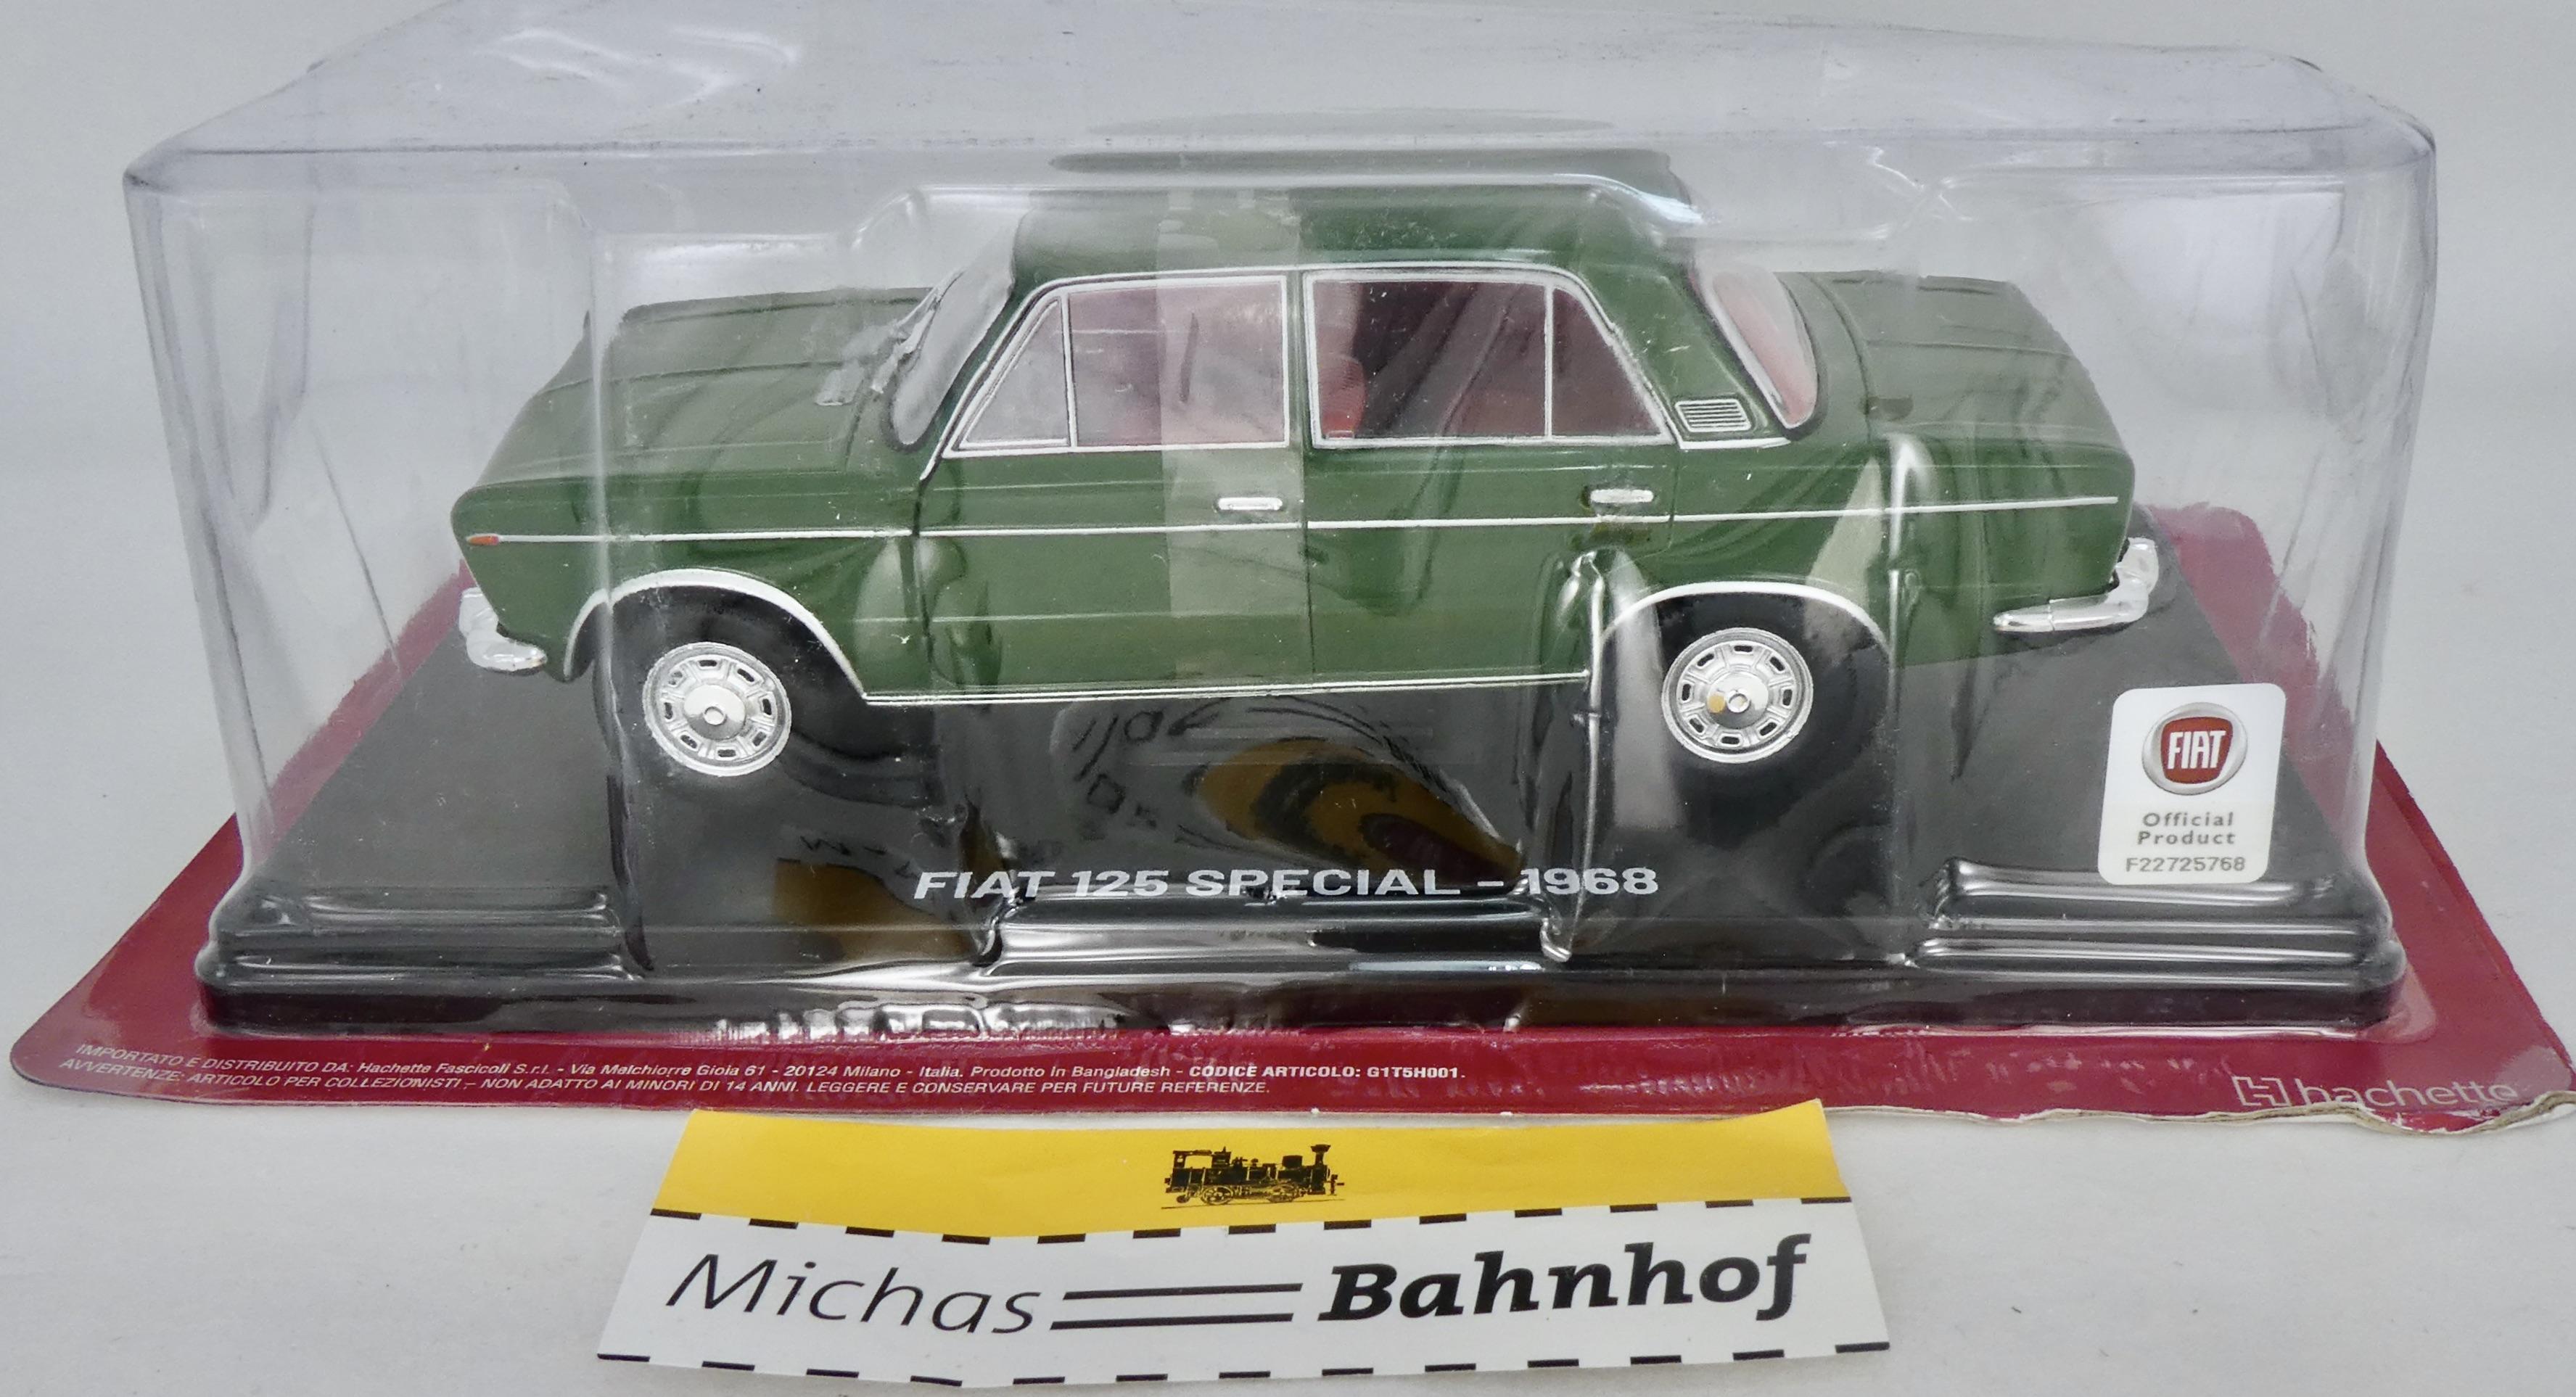 1968 neu sehr schönes Modell Türen zu öffnen 1:24 B2B2 µ Fiat 125 Special